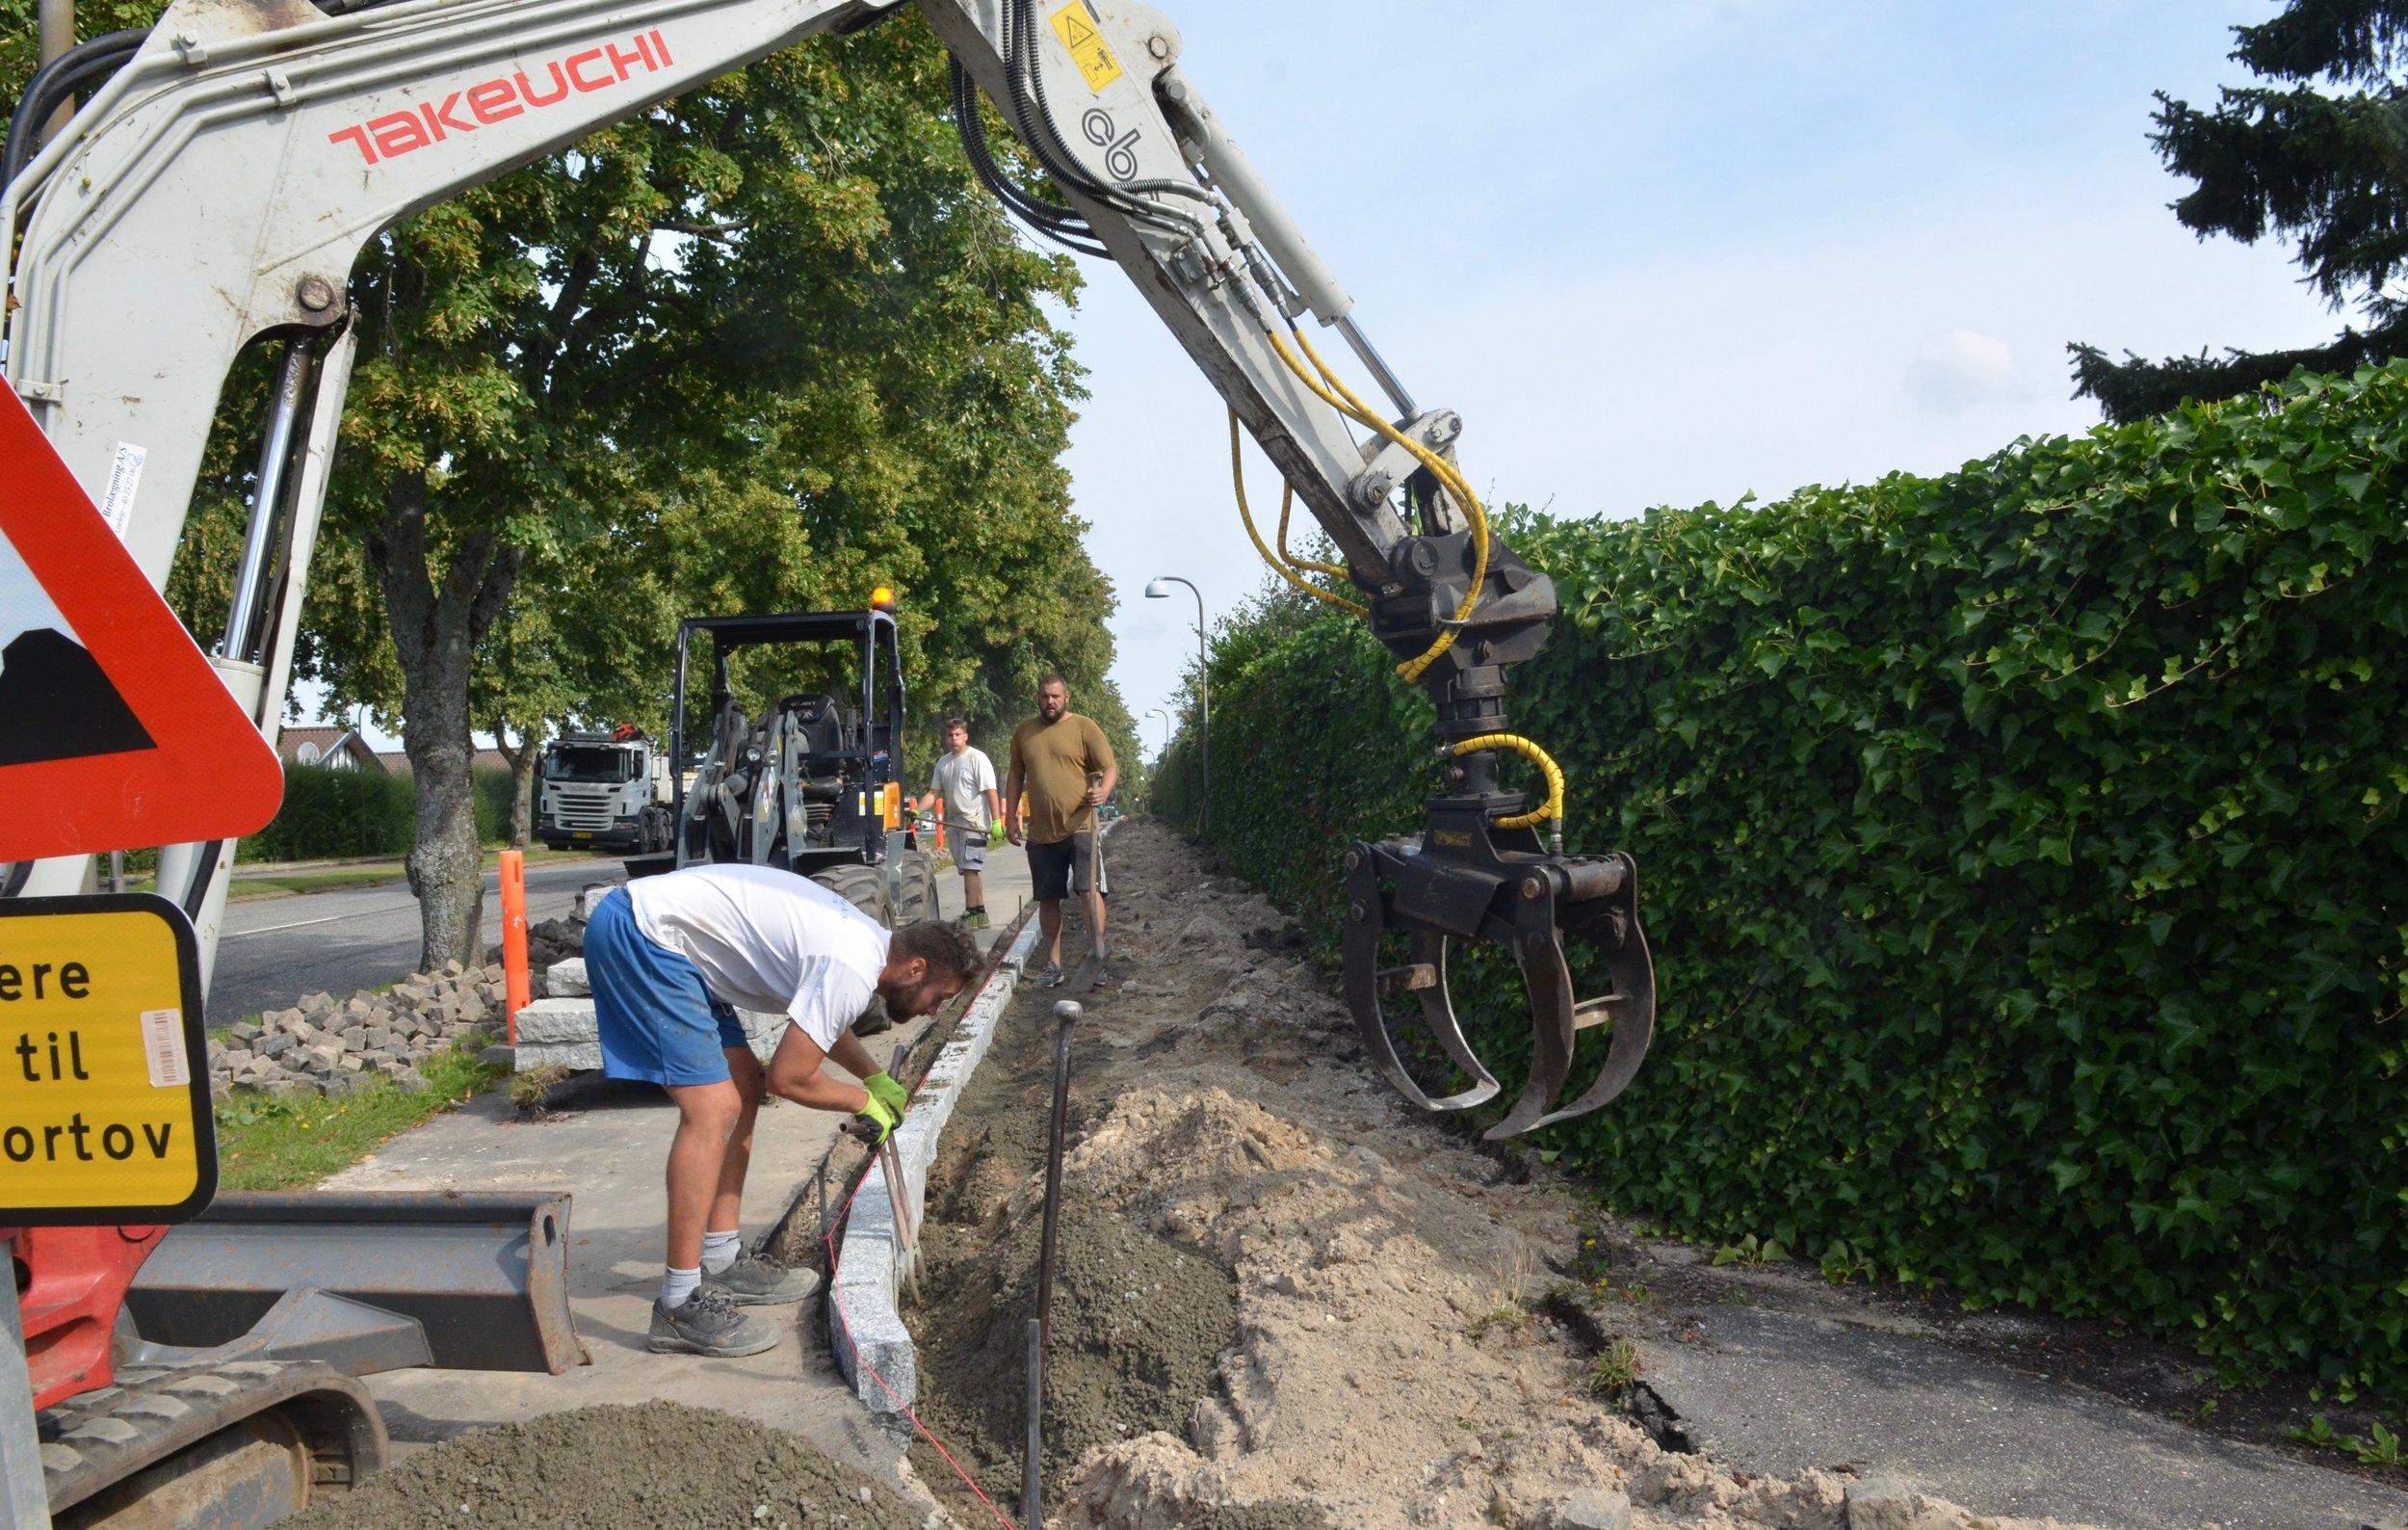 Først sættes der nye granitkantsten i jordfugtig beton mellem den nyrenoverede cykelsti og det nye fortov. Foto: AOB